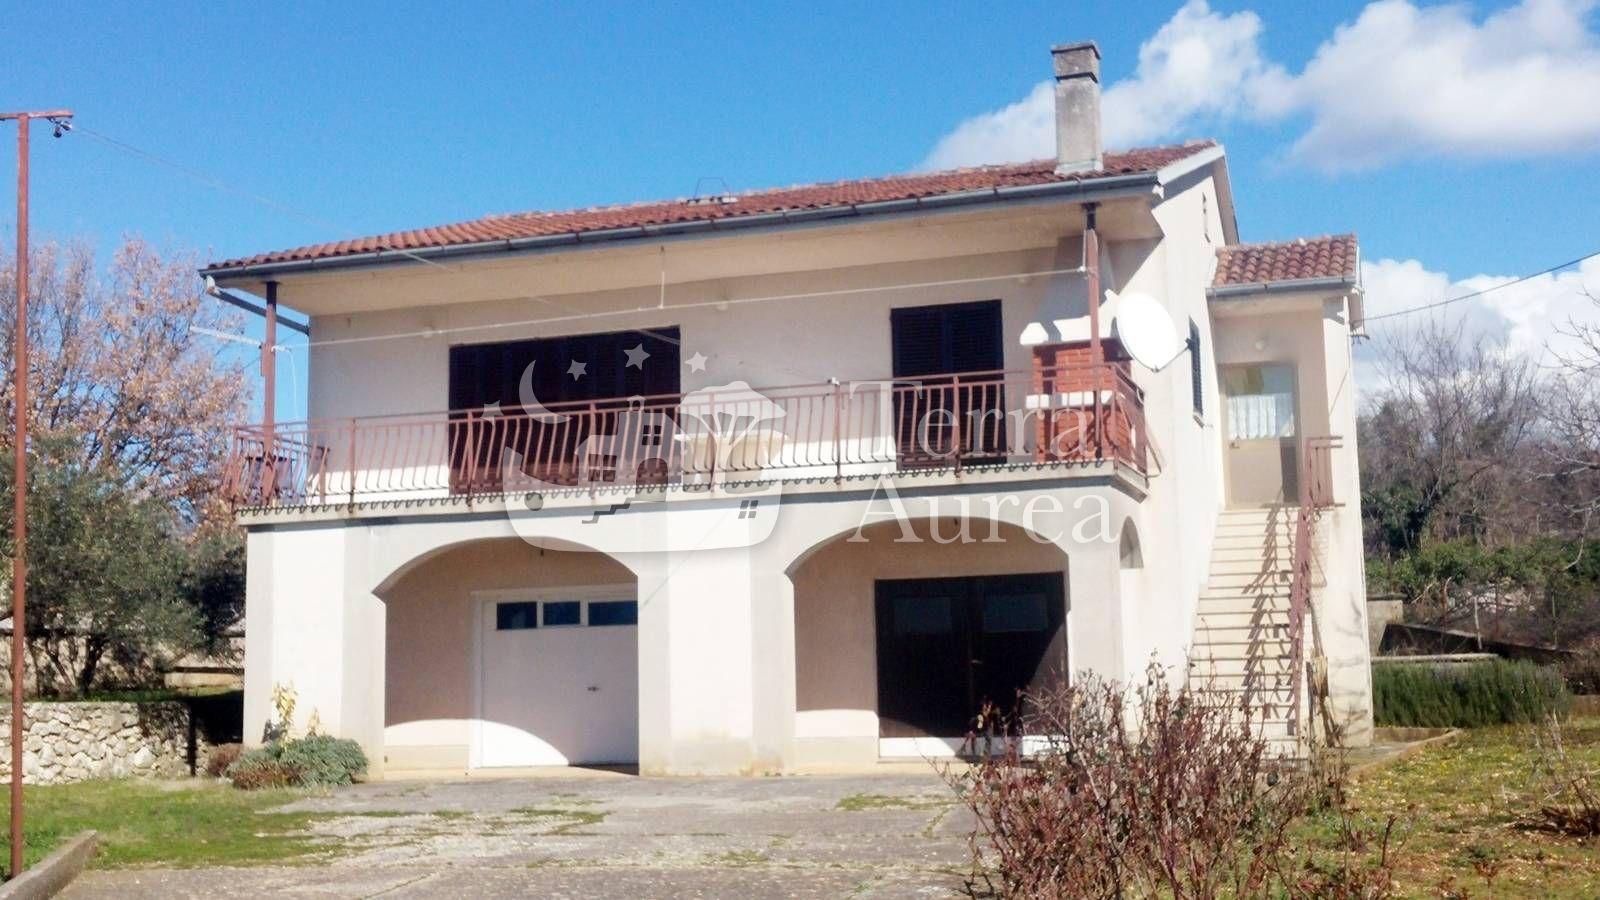 Superb House Linardići, Krk, 200m2